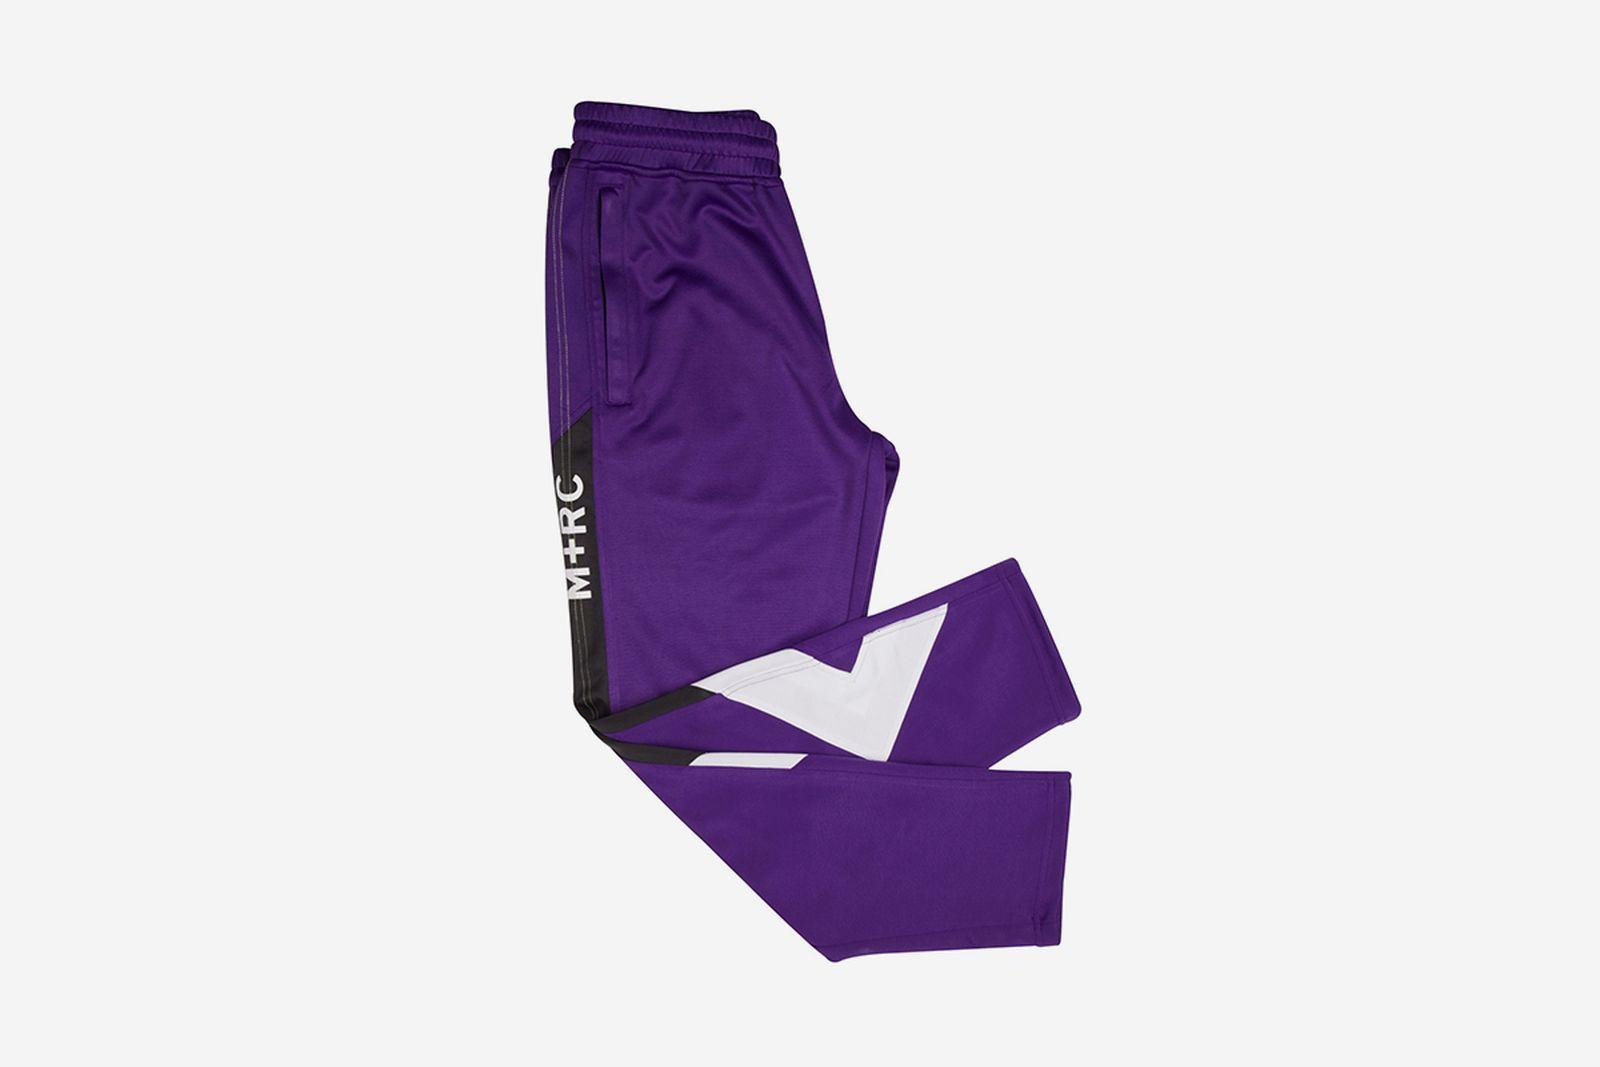 M RC NOIR purple og pant side fold 2048x2048 M+RC NOIR SS18 playboi carti